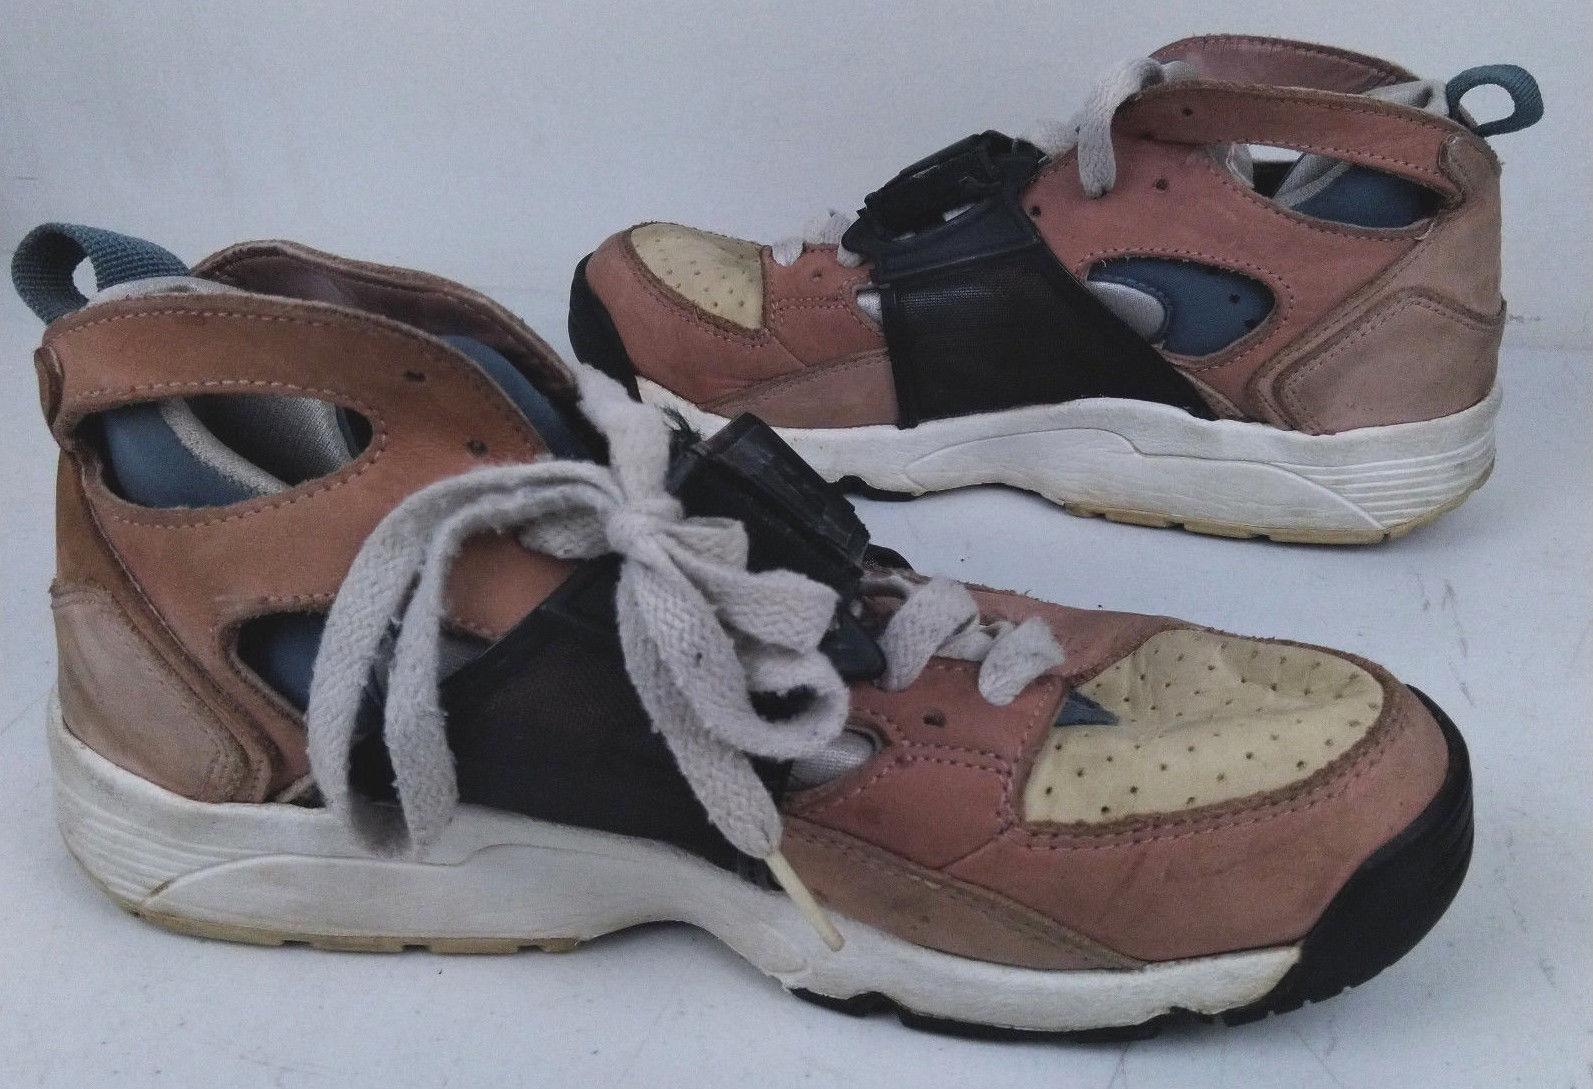 3da1388079c5 Vtg 2003 Nike Air Huarache LE Escape Bisque   Storm Gray US Sz 6.5 305958-